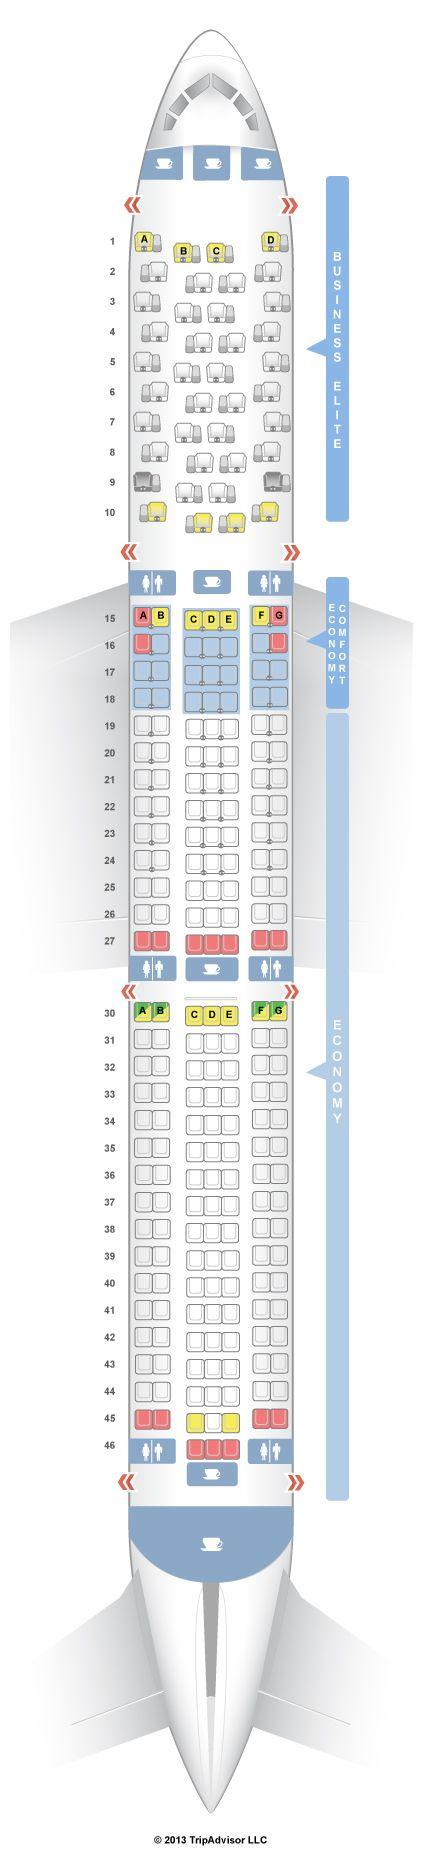 SeatGuru Seat Map Delta Boeing 767-400ER (76D) - SeatGuru